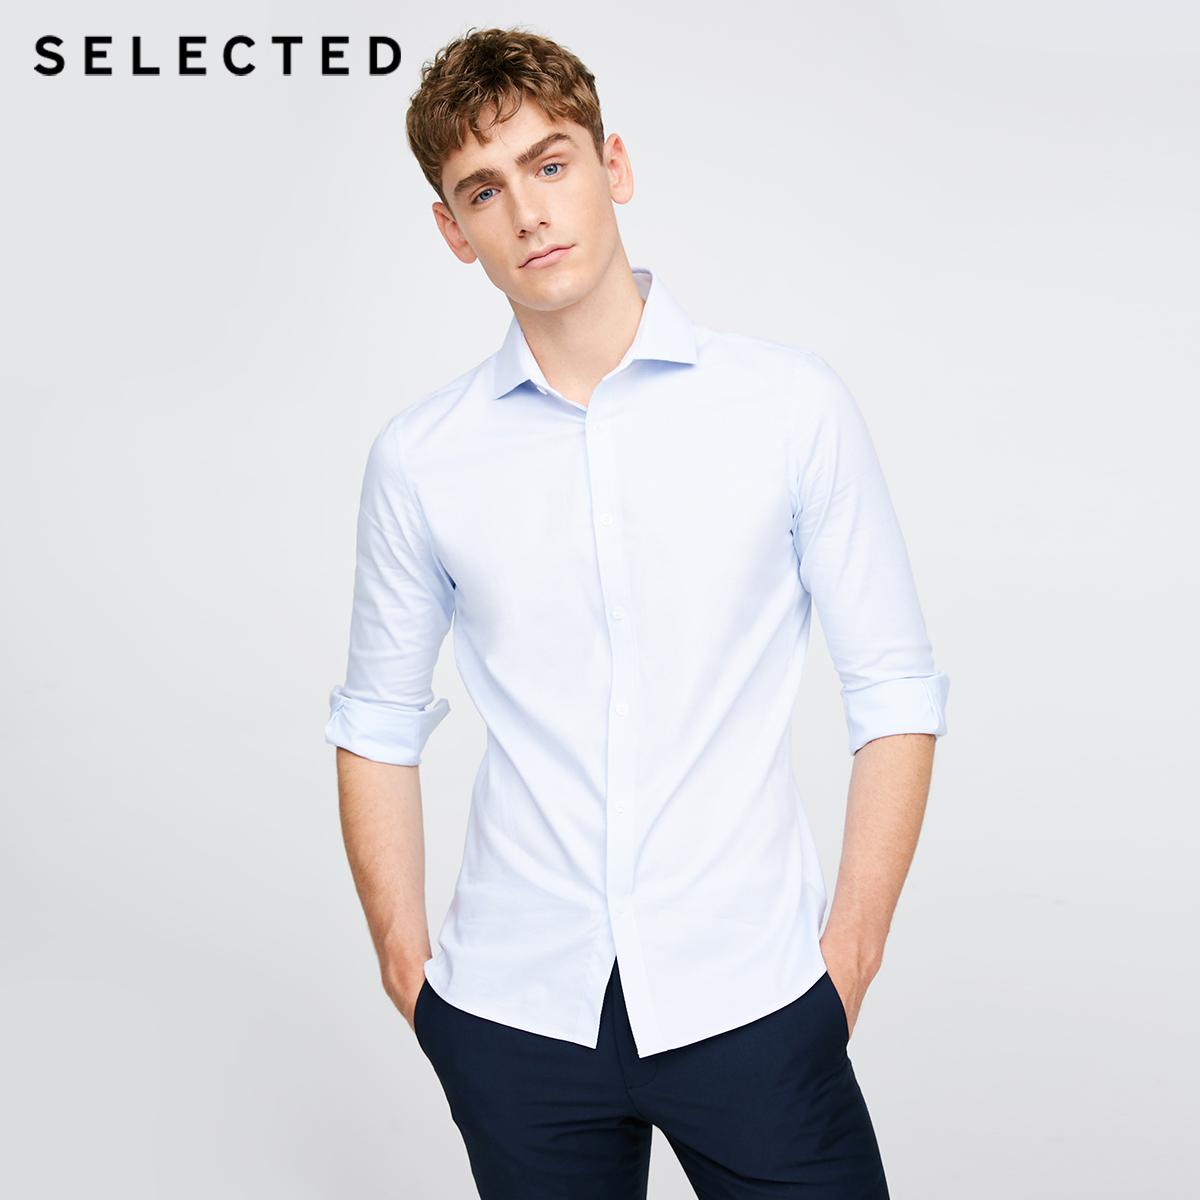 Сборы ВЫБРАННЫЕ думать Lyde мужской содержит хлопок простой приталенный бизнес для отдыха длинный рукав сорочка T|417305511